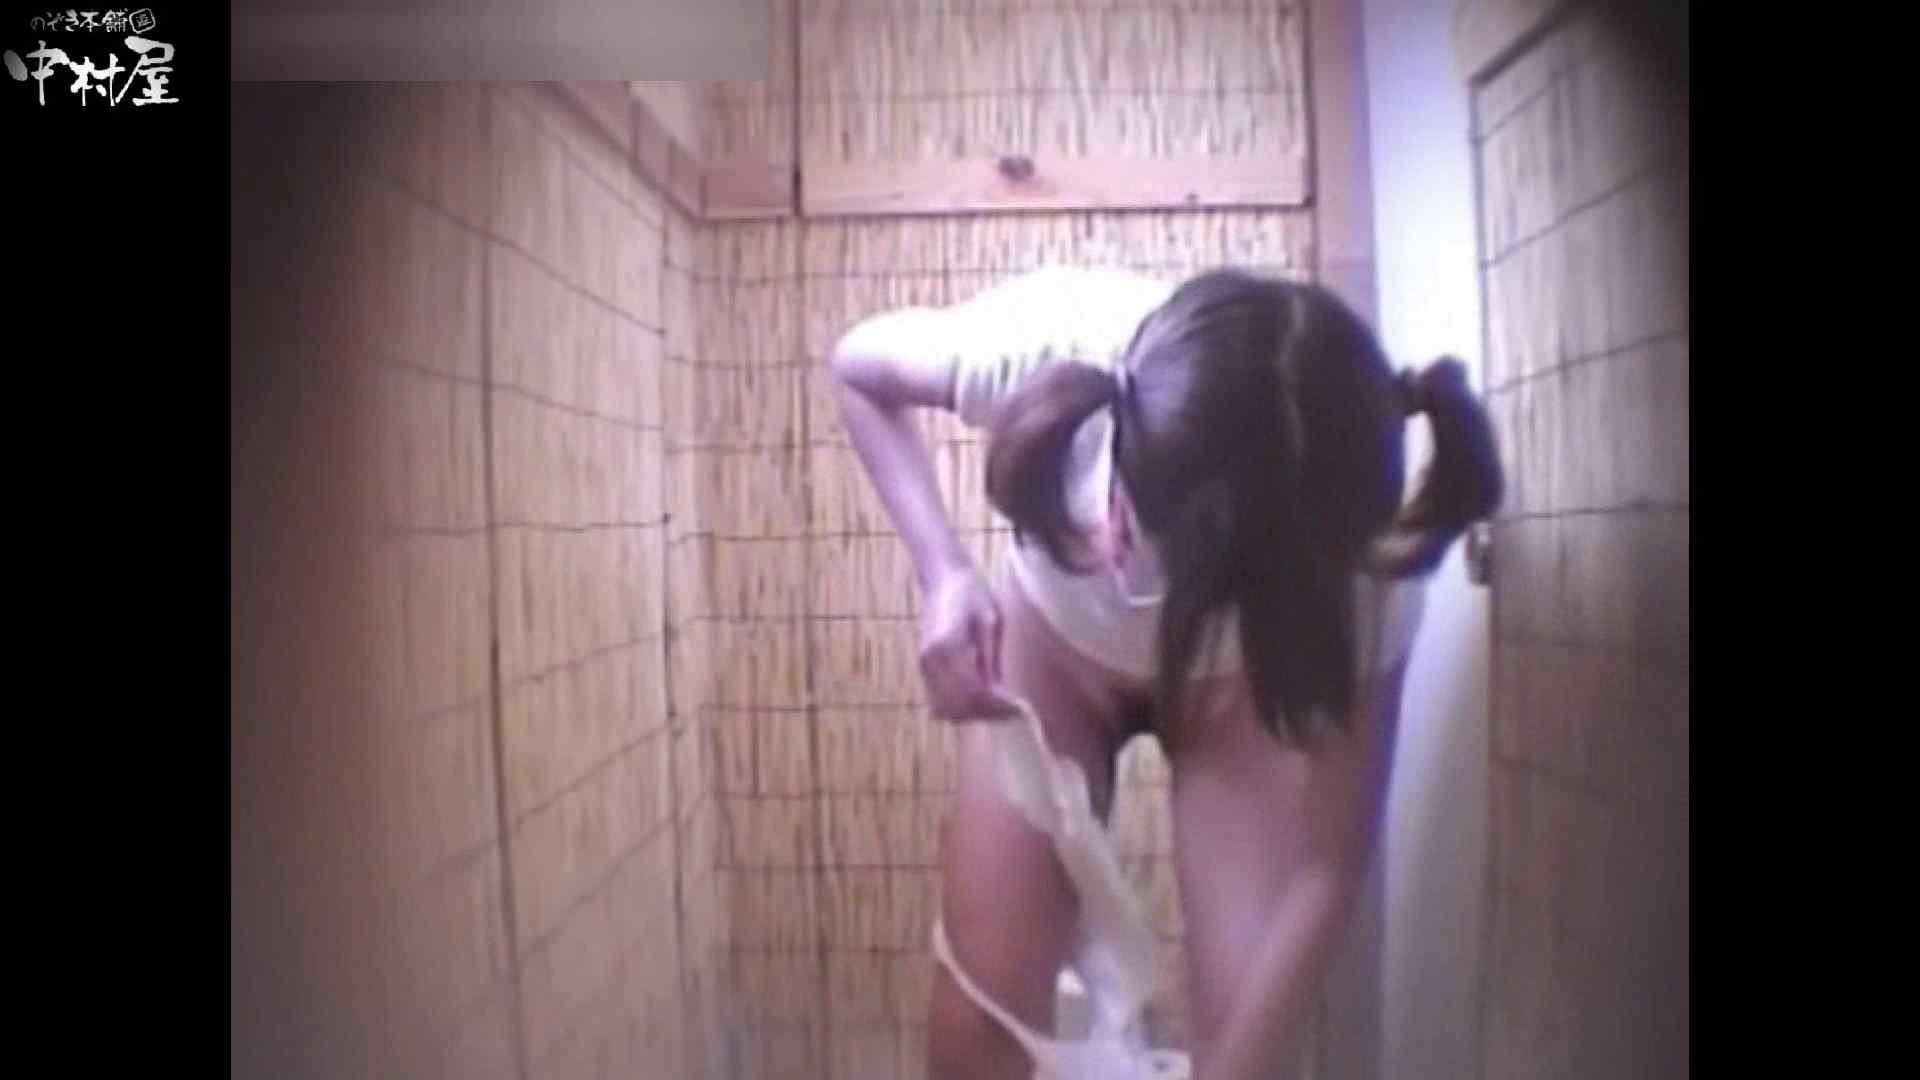 解禁!海の家4カメ洗面所vol.35 ギャルのエロ生活 のぞき動画画像 99連発 30